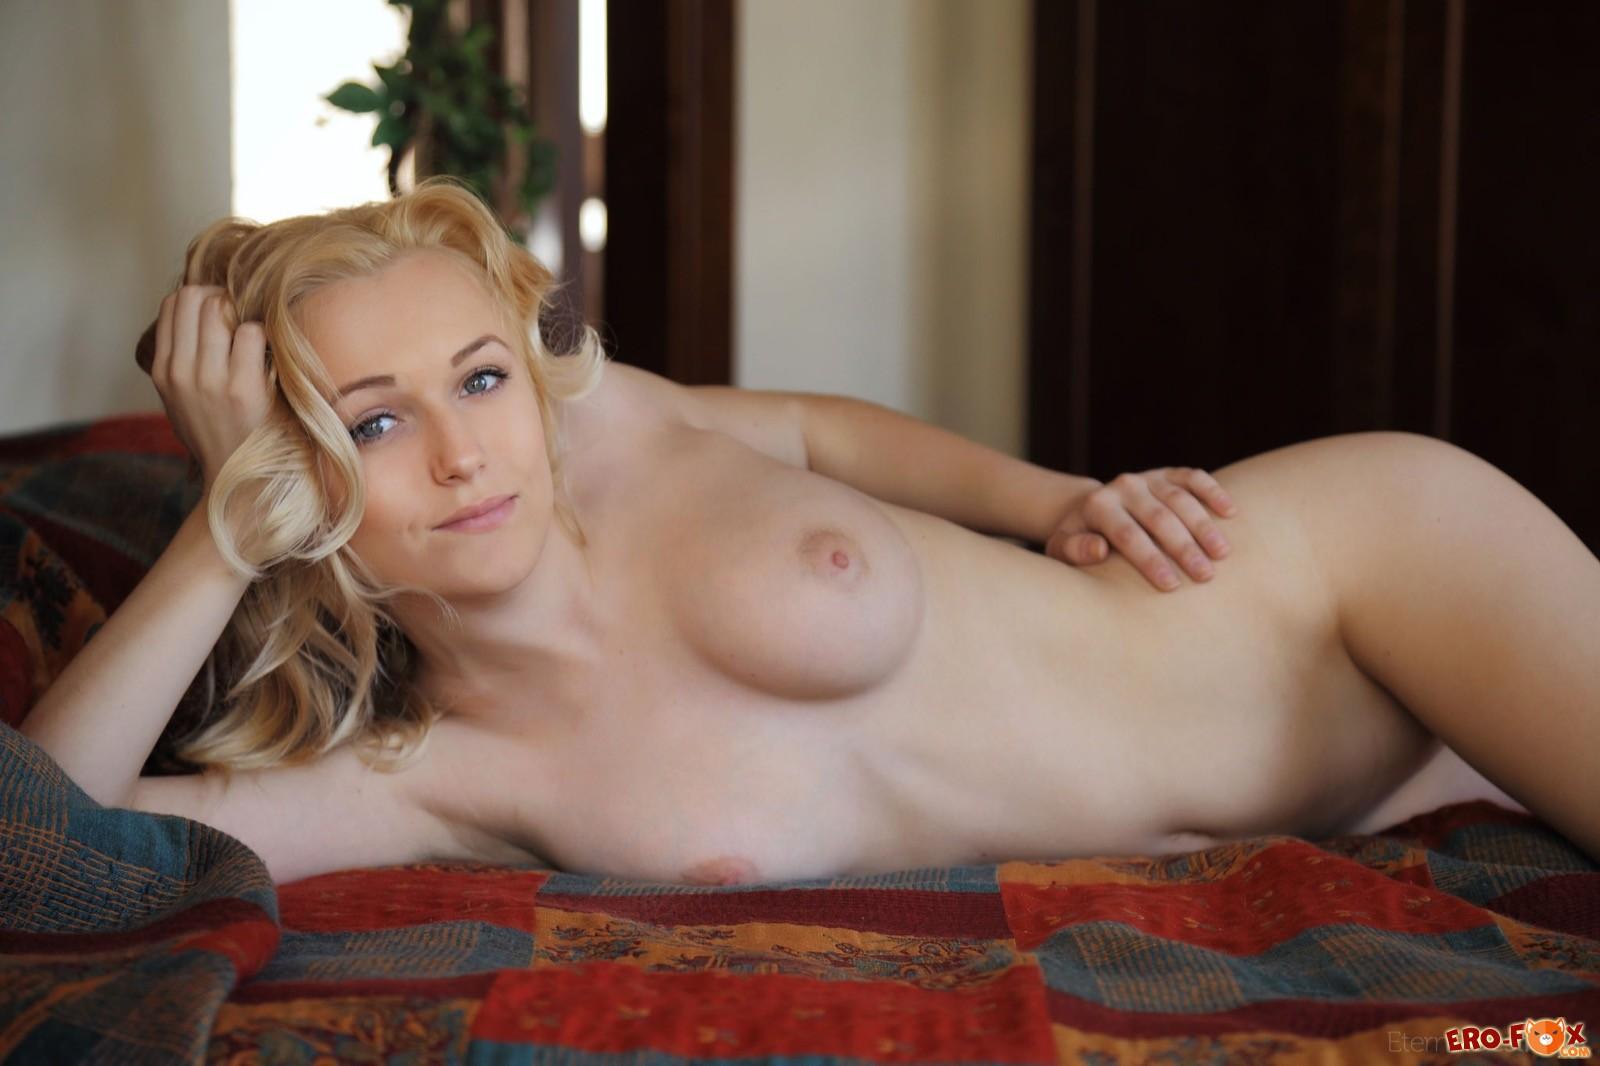 Белокурая милашка с красивым телом на кровати